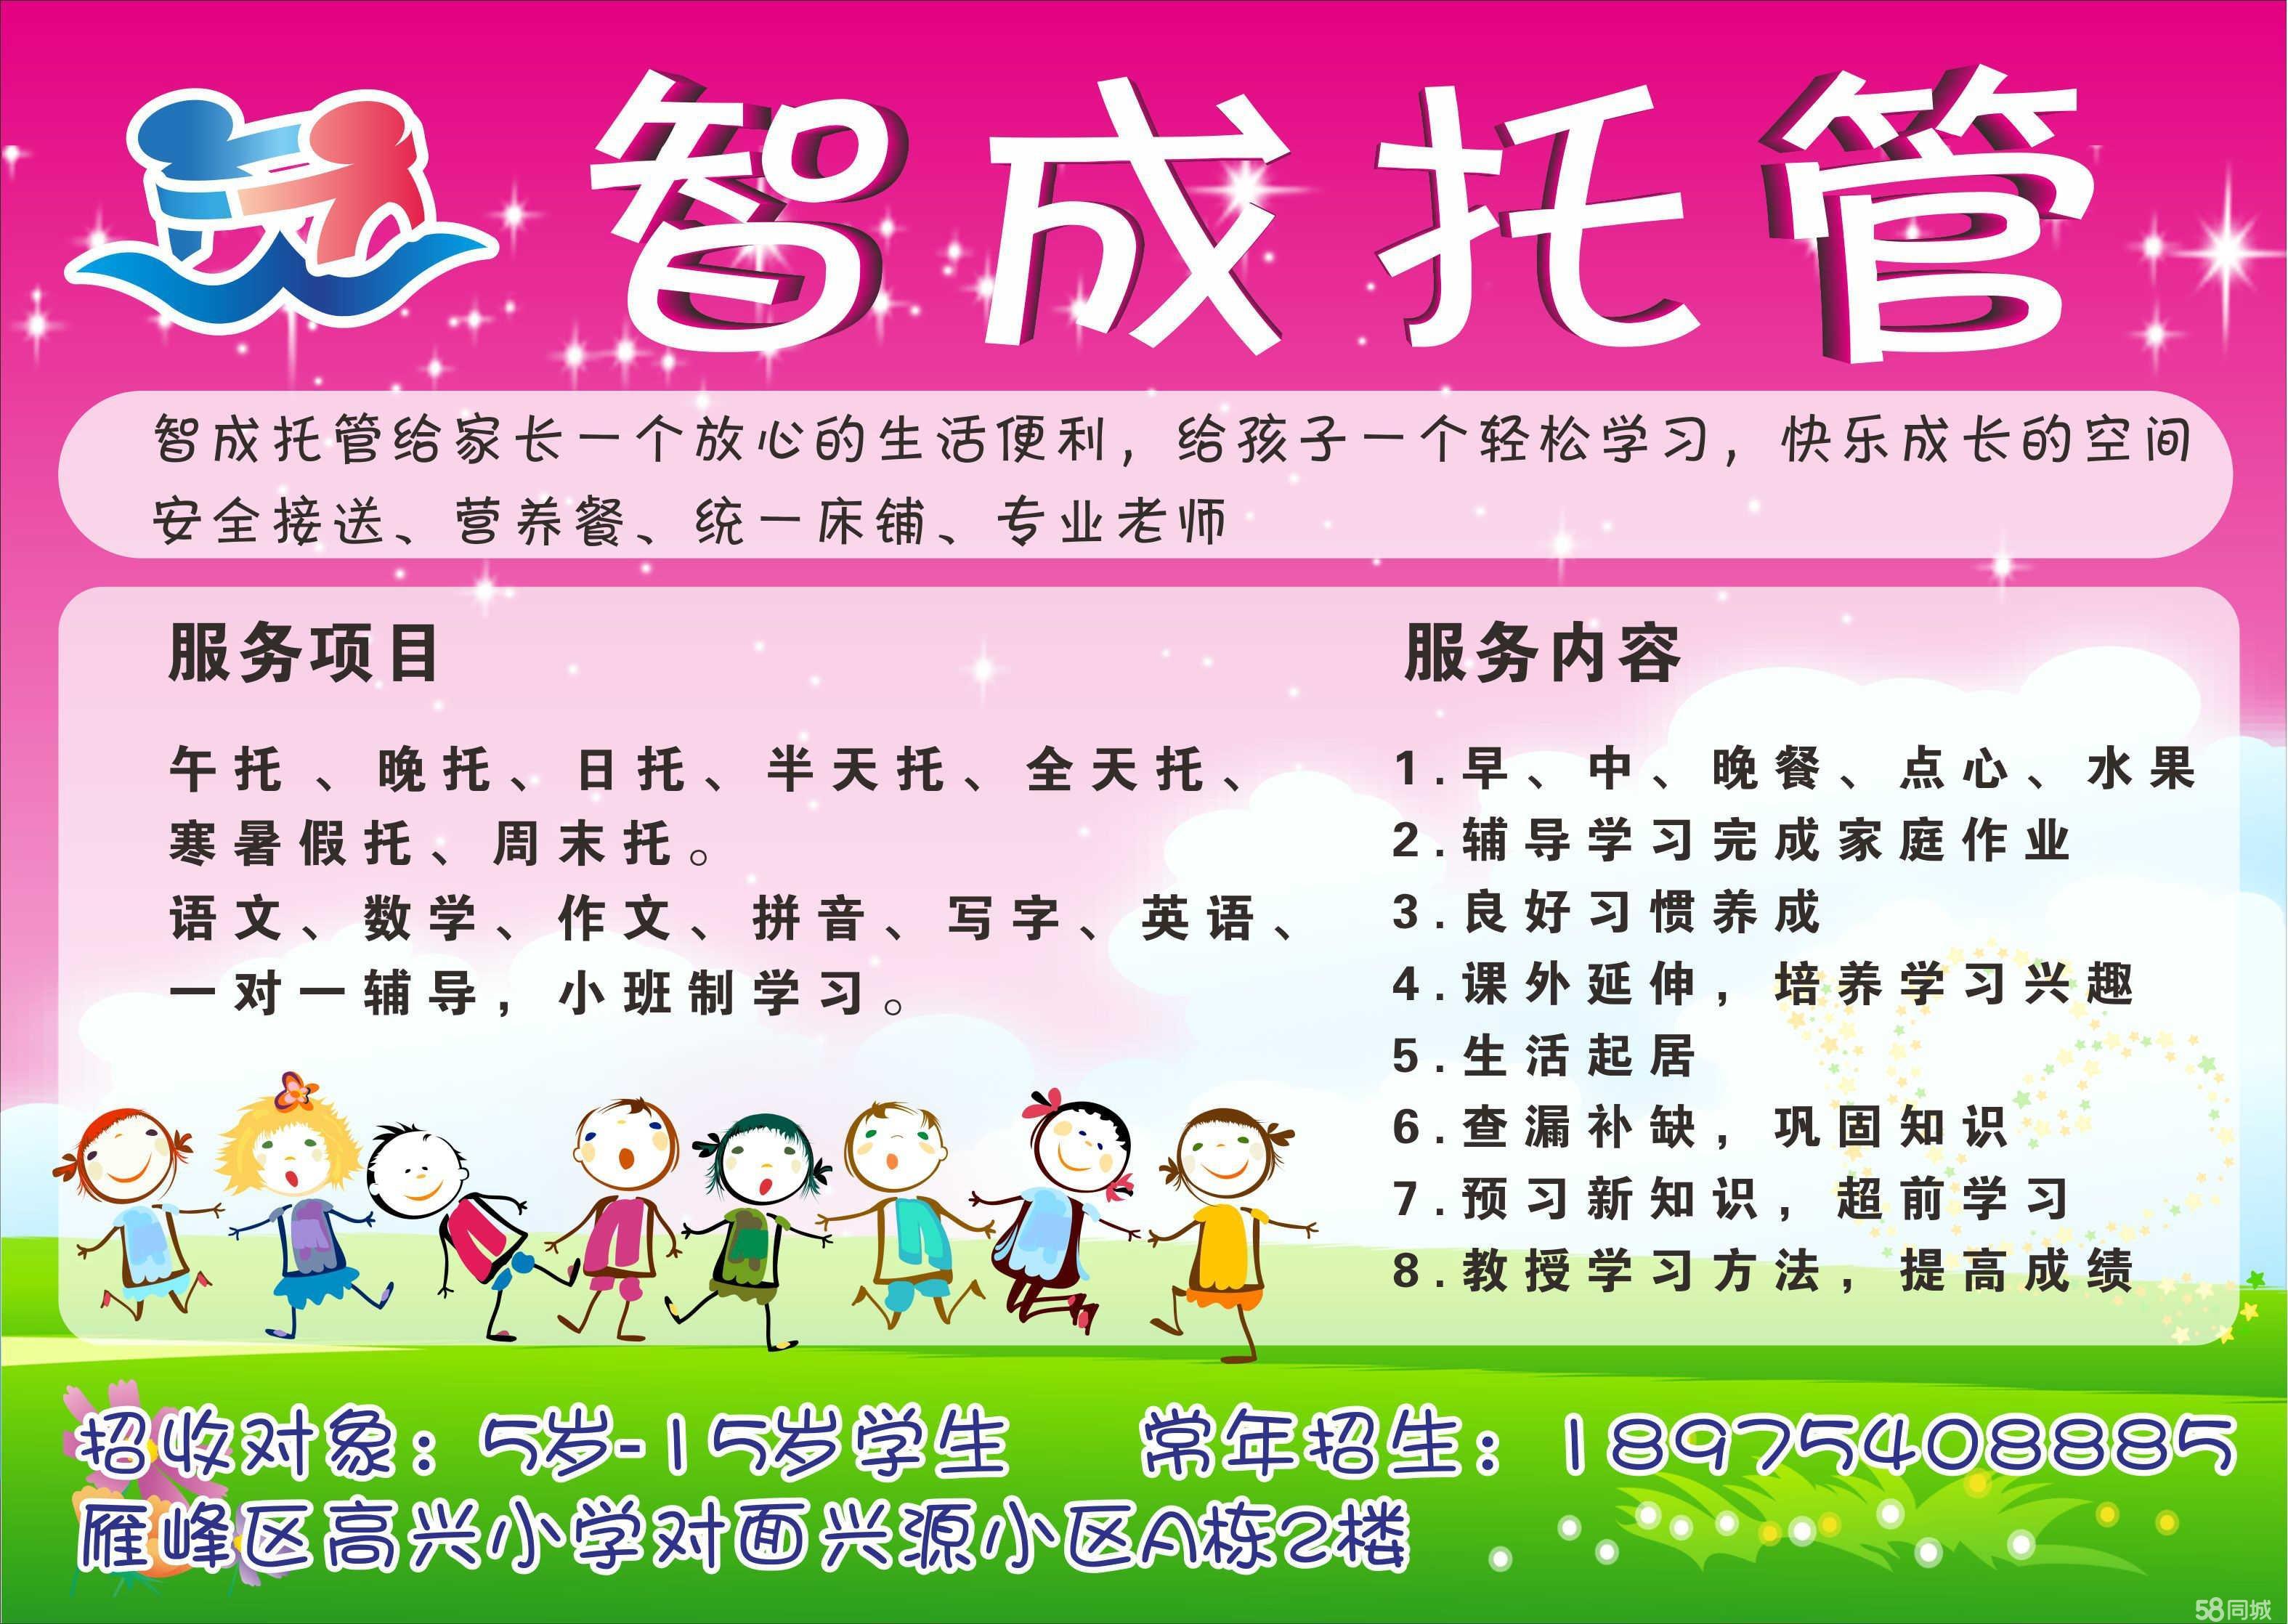 【上海英语家教招聘】上海58